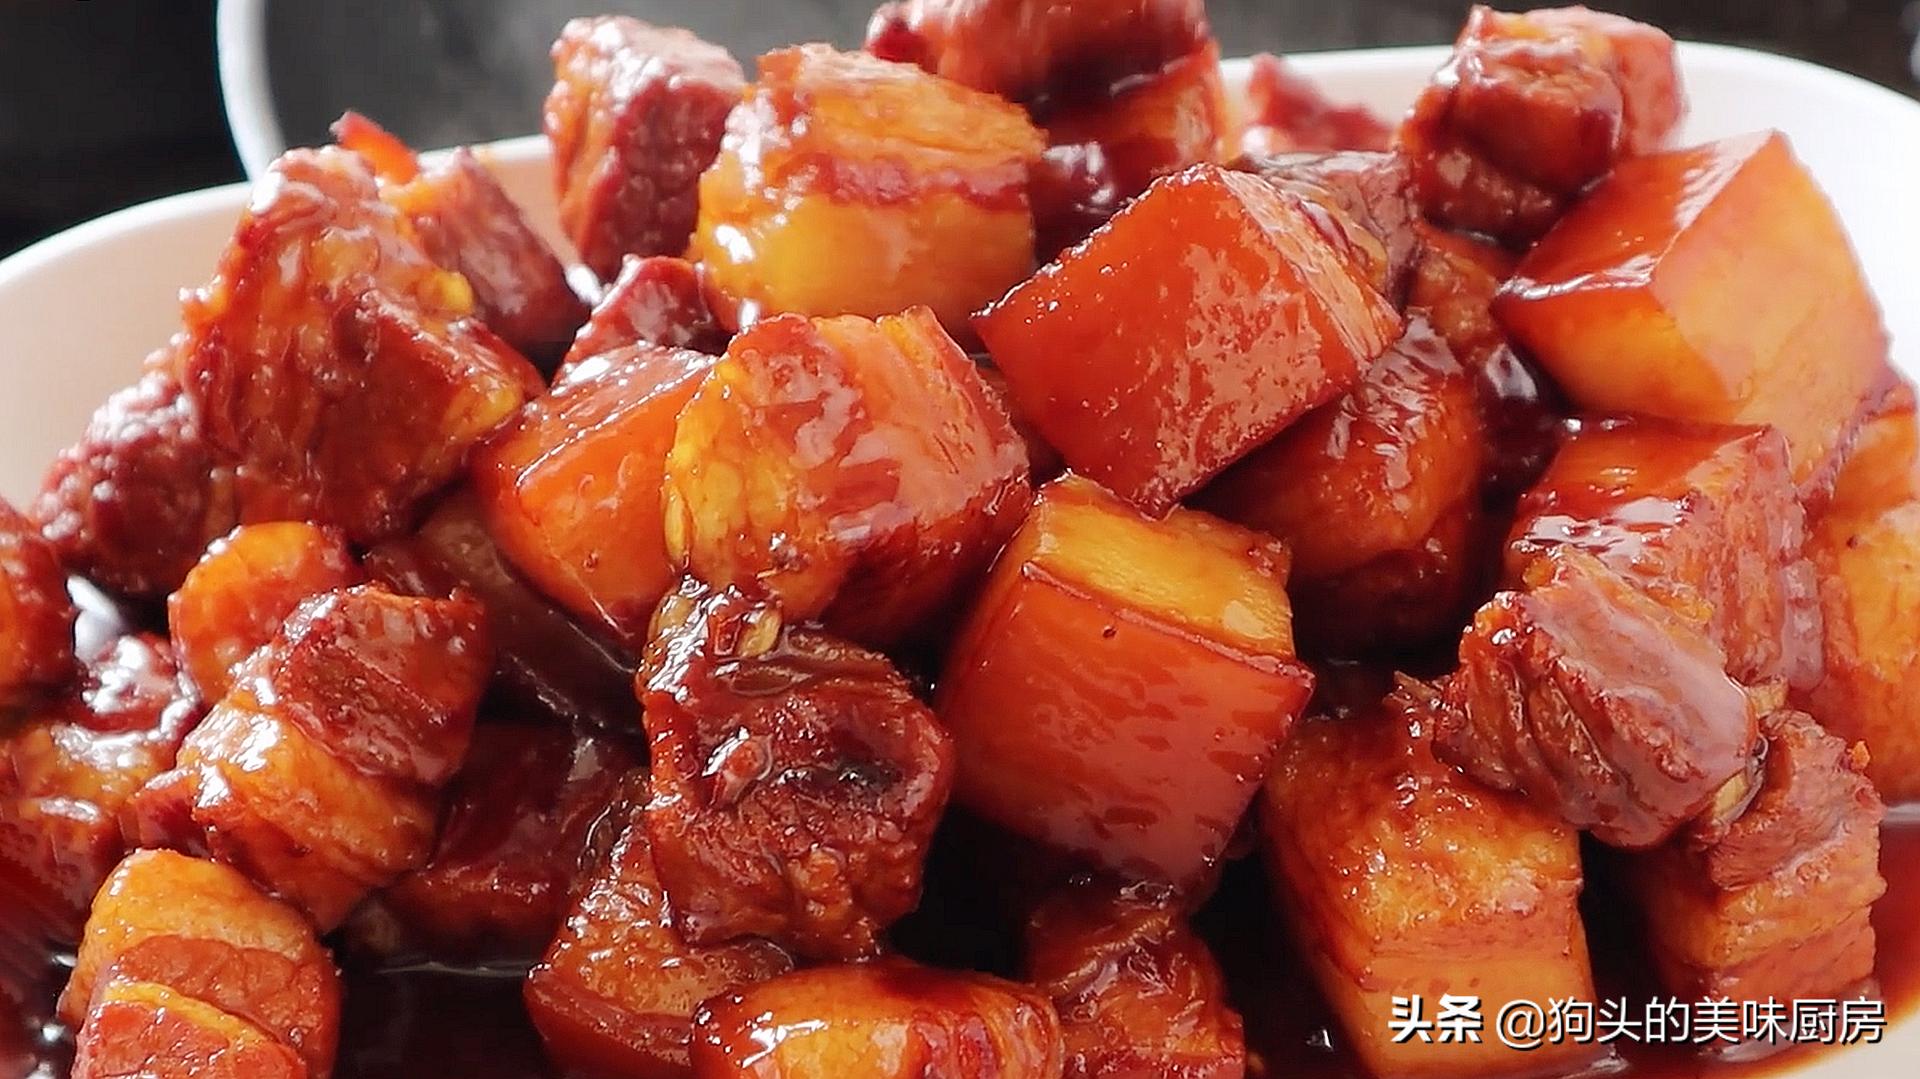 做红烧肉时,掌握这些小技巧,红烧肉不腥不柴,软烂入味口感好 美食做法 第2张